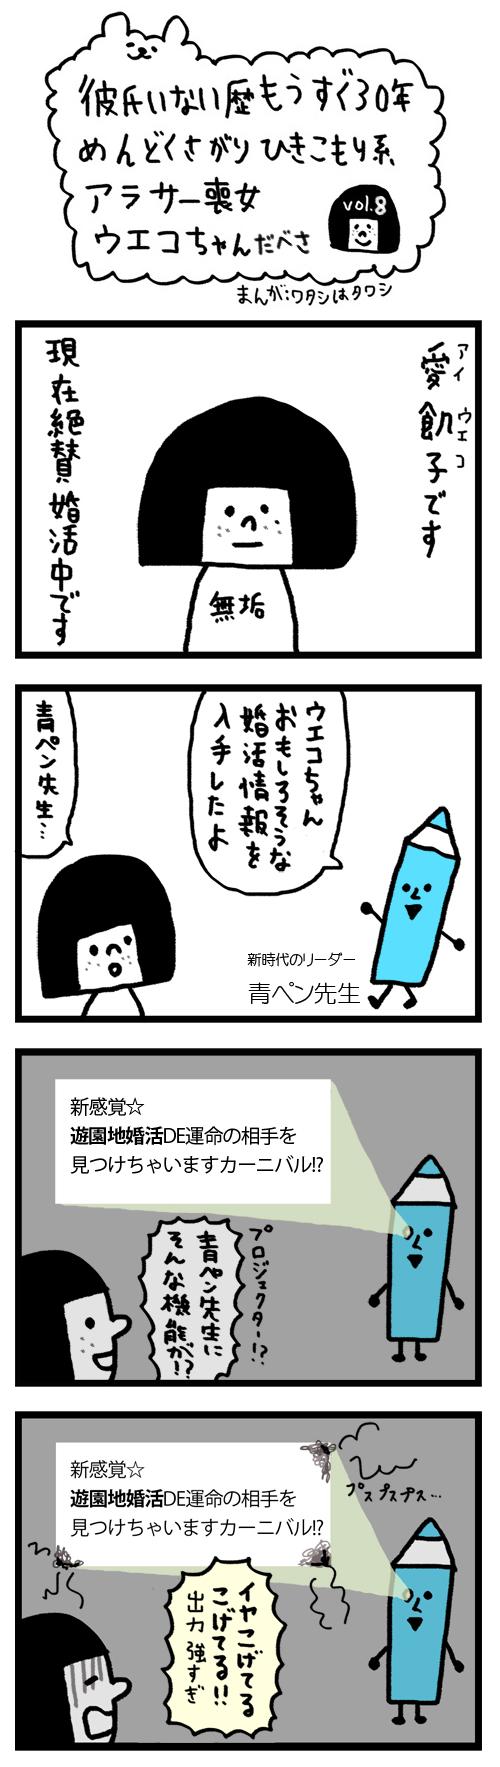 モテないアラサー漫画1